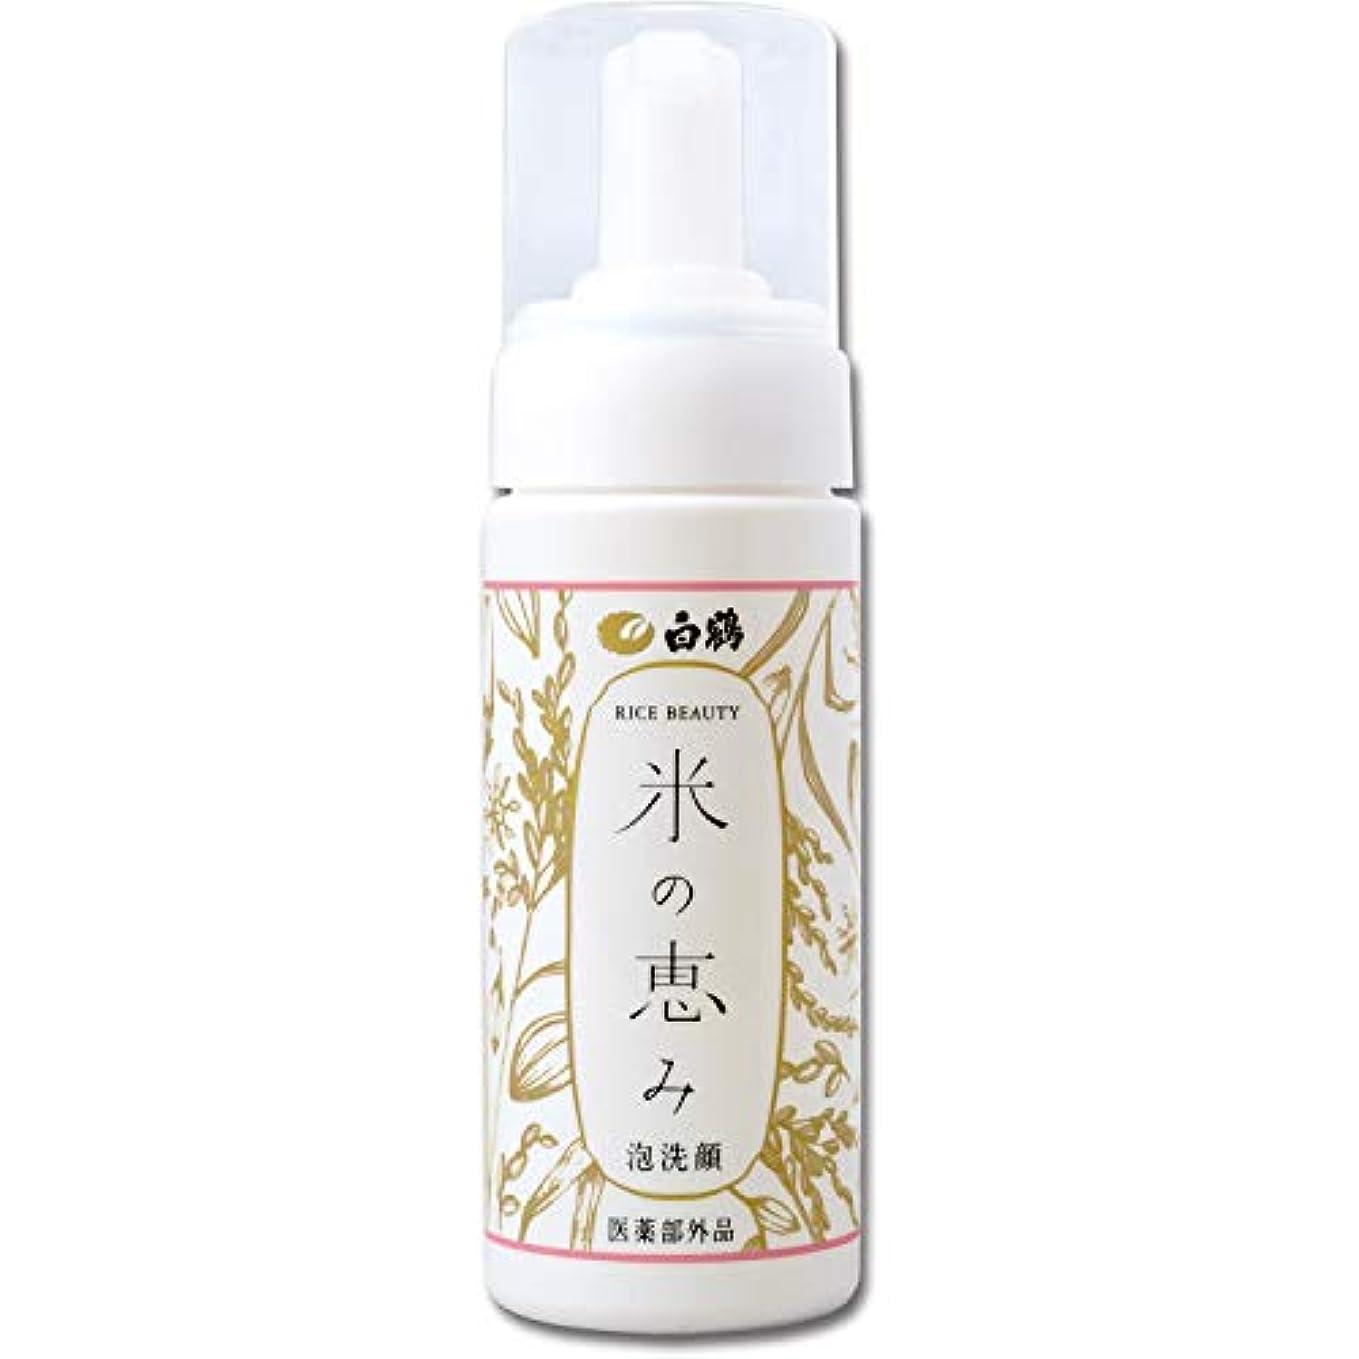 長椅子メモ法律により白鶴 ライスビューティー 米の恵み 泡洗顔 150ml (医薬部外品)